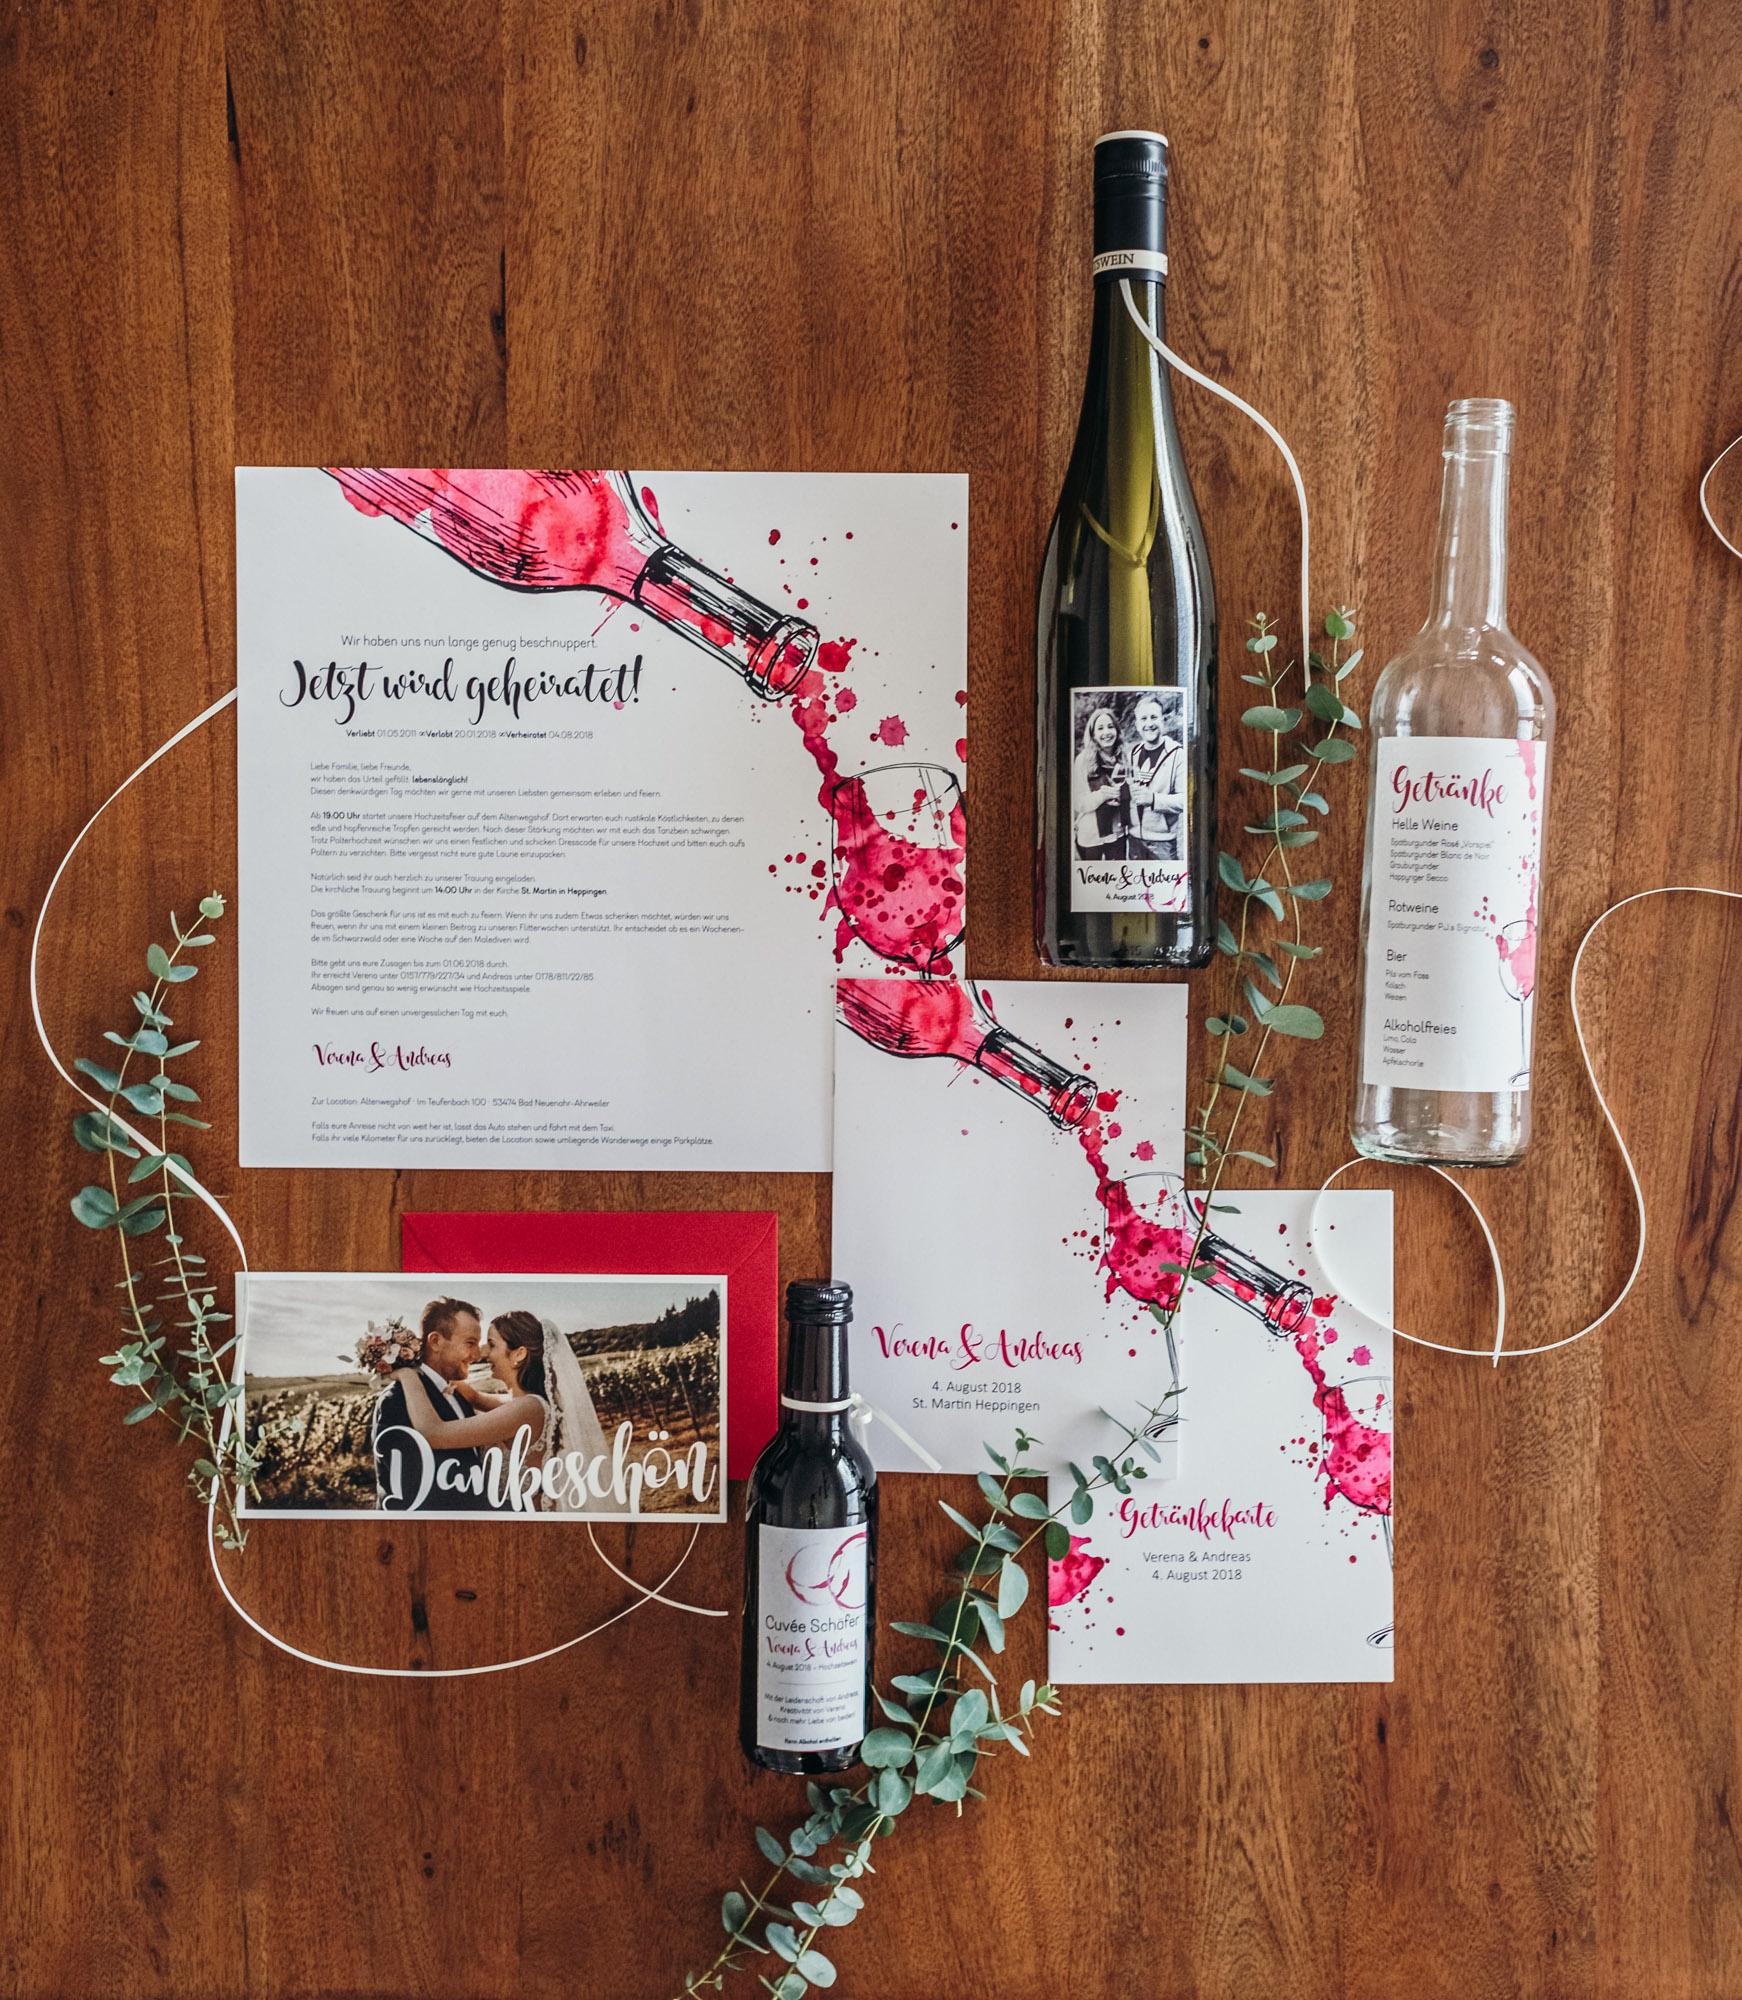 Papeterie, Hochzeitspapeterie, Weingut, Wein, Einladung, Menükarte, Kirchenheft, Danksagung, Weinflasche, Flaschenpost